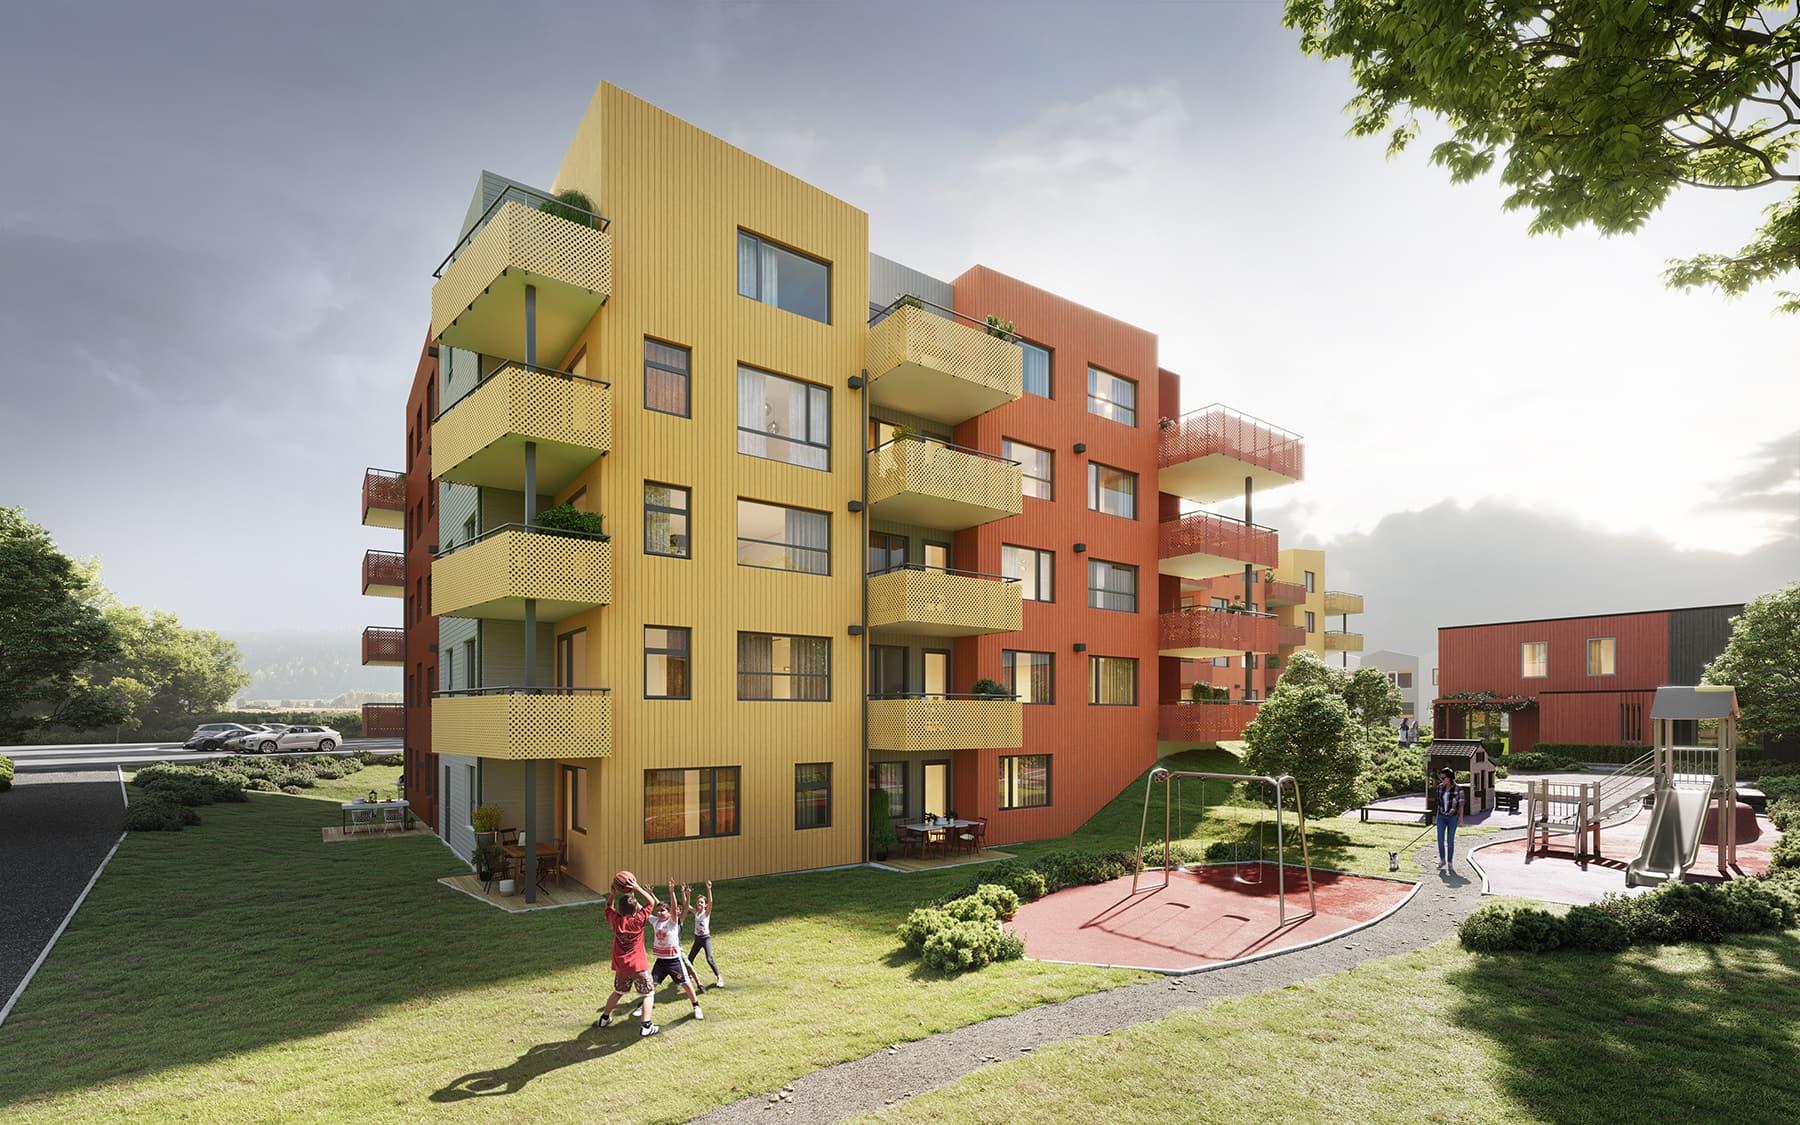 Fasadebilde av blokk C2 på byggetrinn 6 på Reppetoppen. Sett fra nord, med lekeplass og barn som leker i forgrunnen. 3D-illustrasjon.